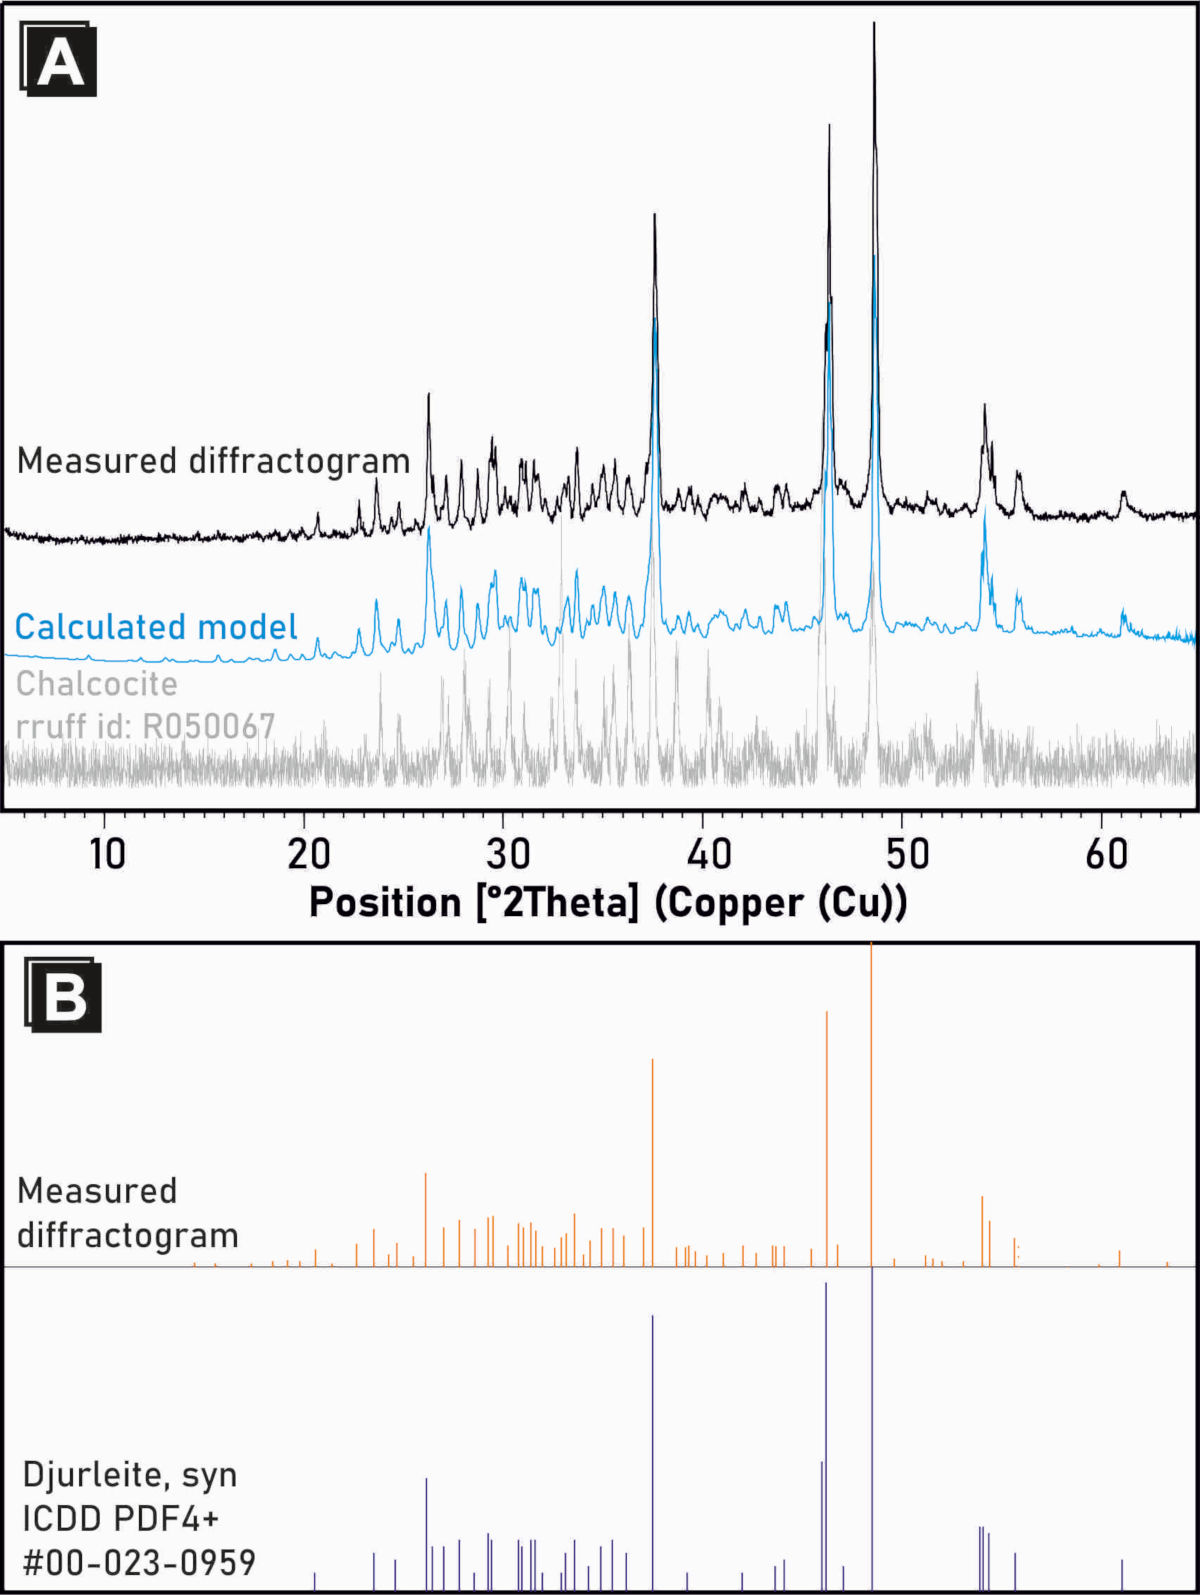 (a) Dyfraktogram badanego djurleitu porównany z uzyskanym modelem (metoda Ritveld'a) i chalkozynem (standard). (b) Lista pozycji pików dla badanej próbki porównana z przykładowym djurleitem z innej lokalizacji (ICDD, PDF4+ standard, #04-007-1283 kod referencyjny).